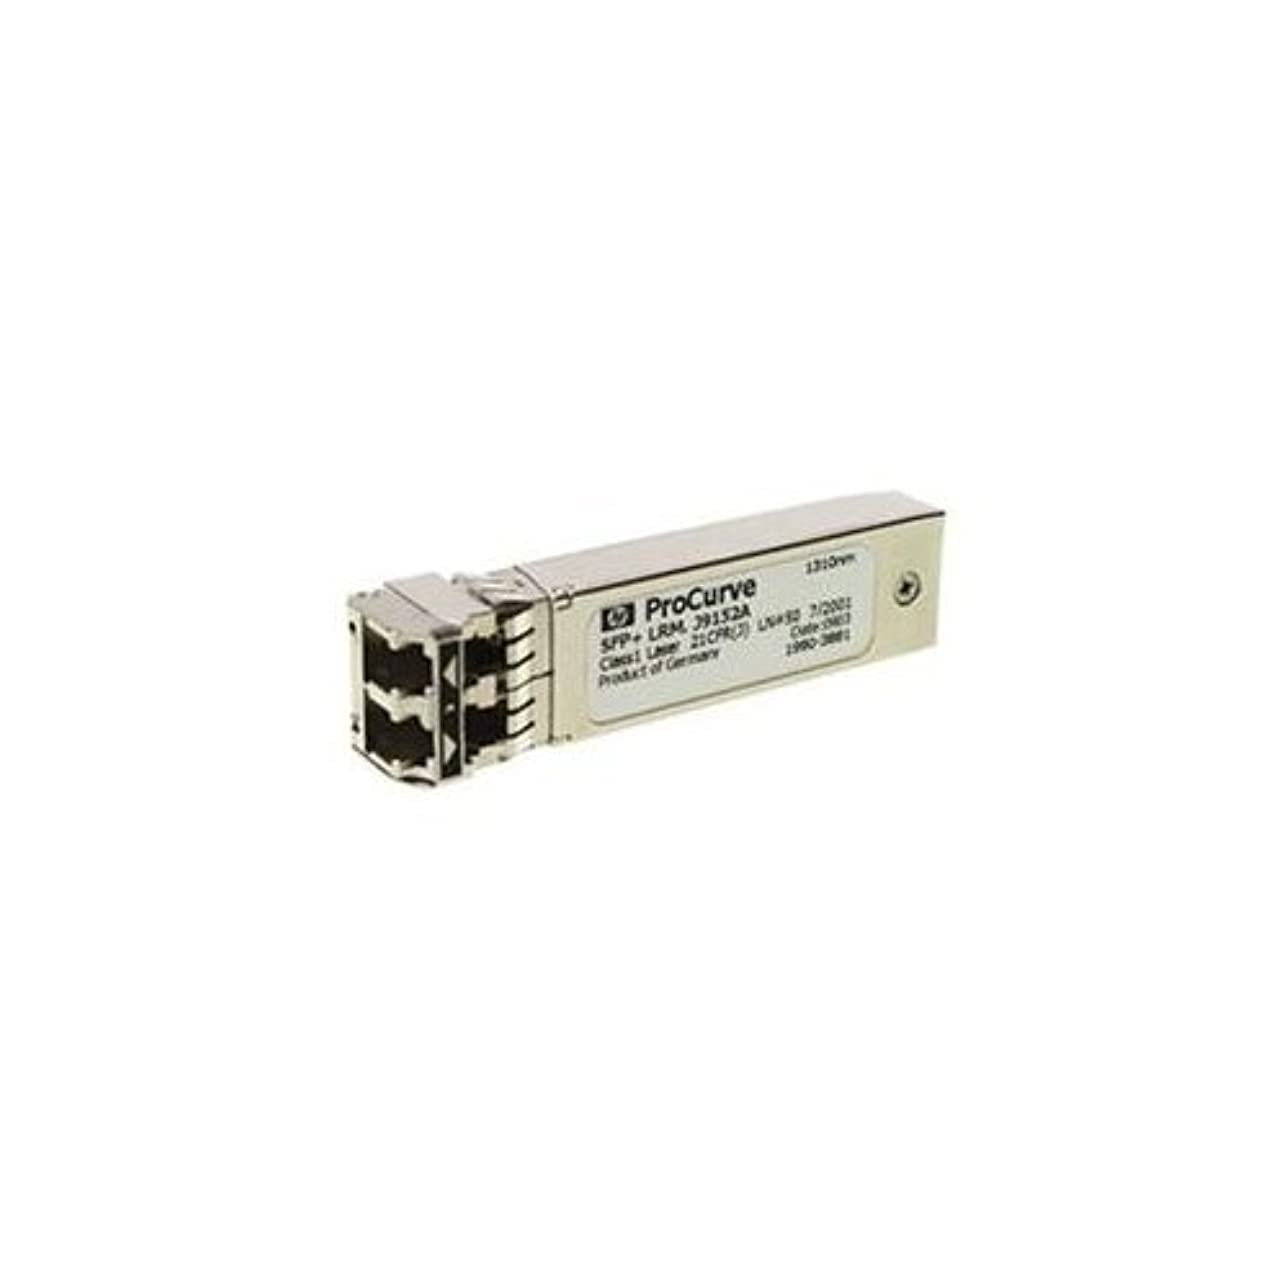 ヒューレット?パッカード J9151A HP Procurve 10-GbE SFP+LR